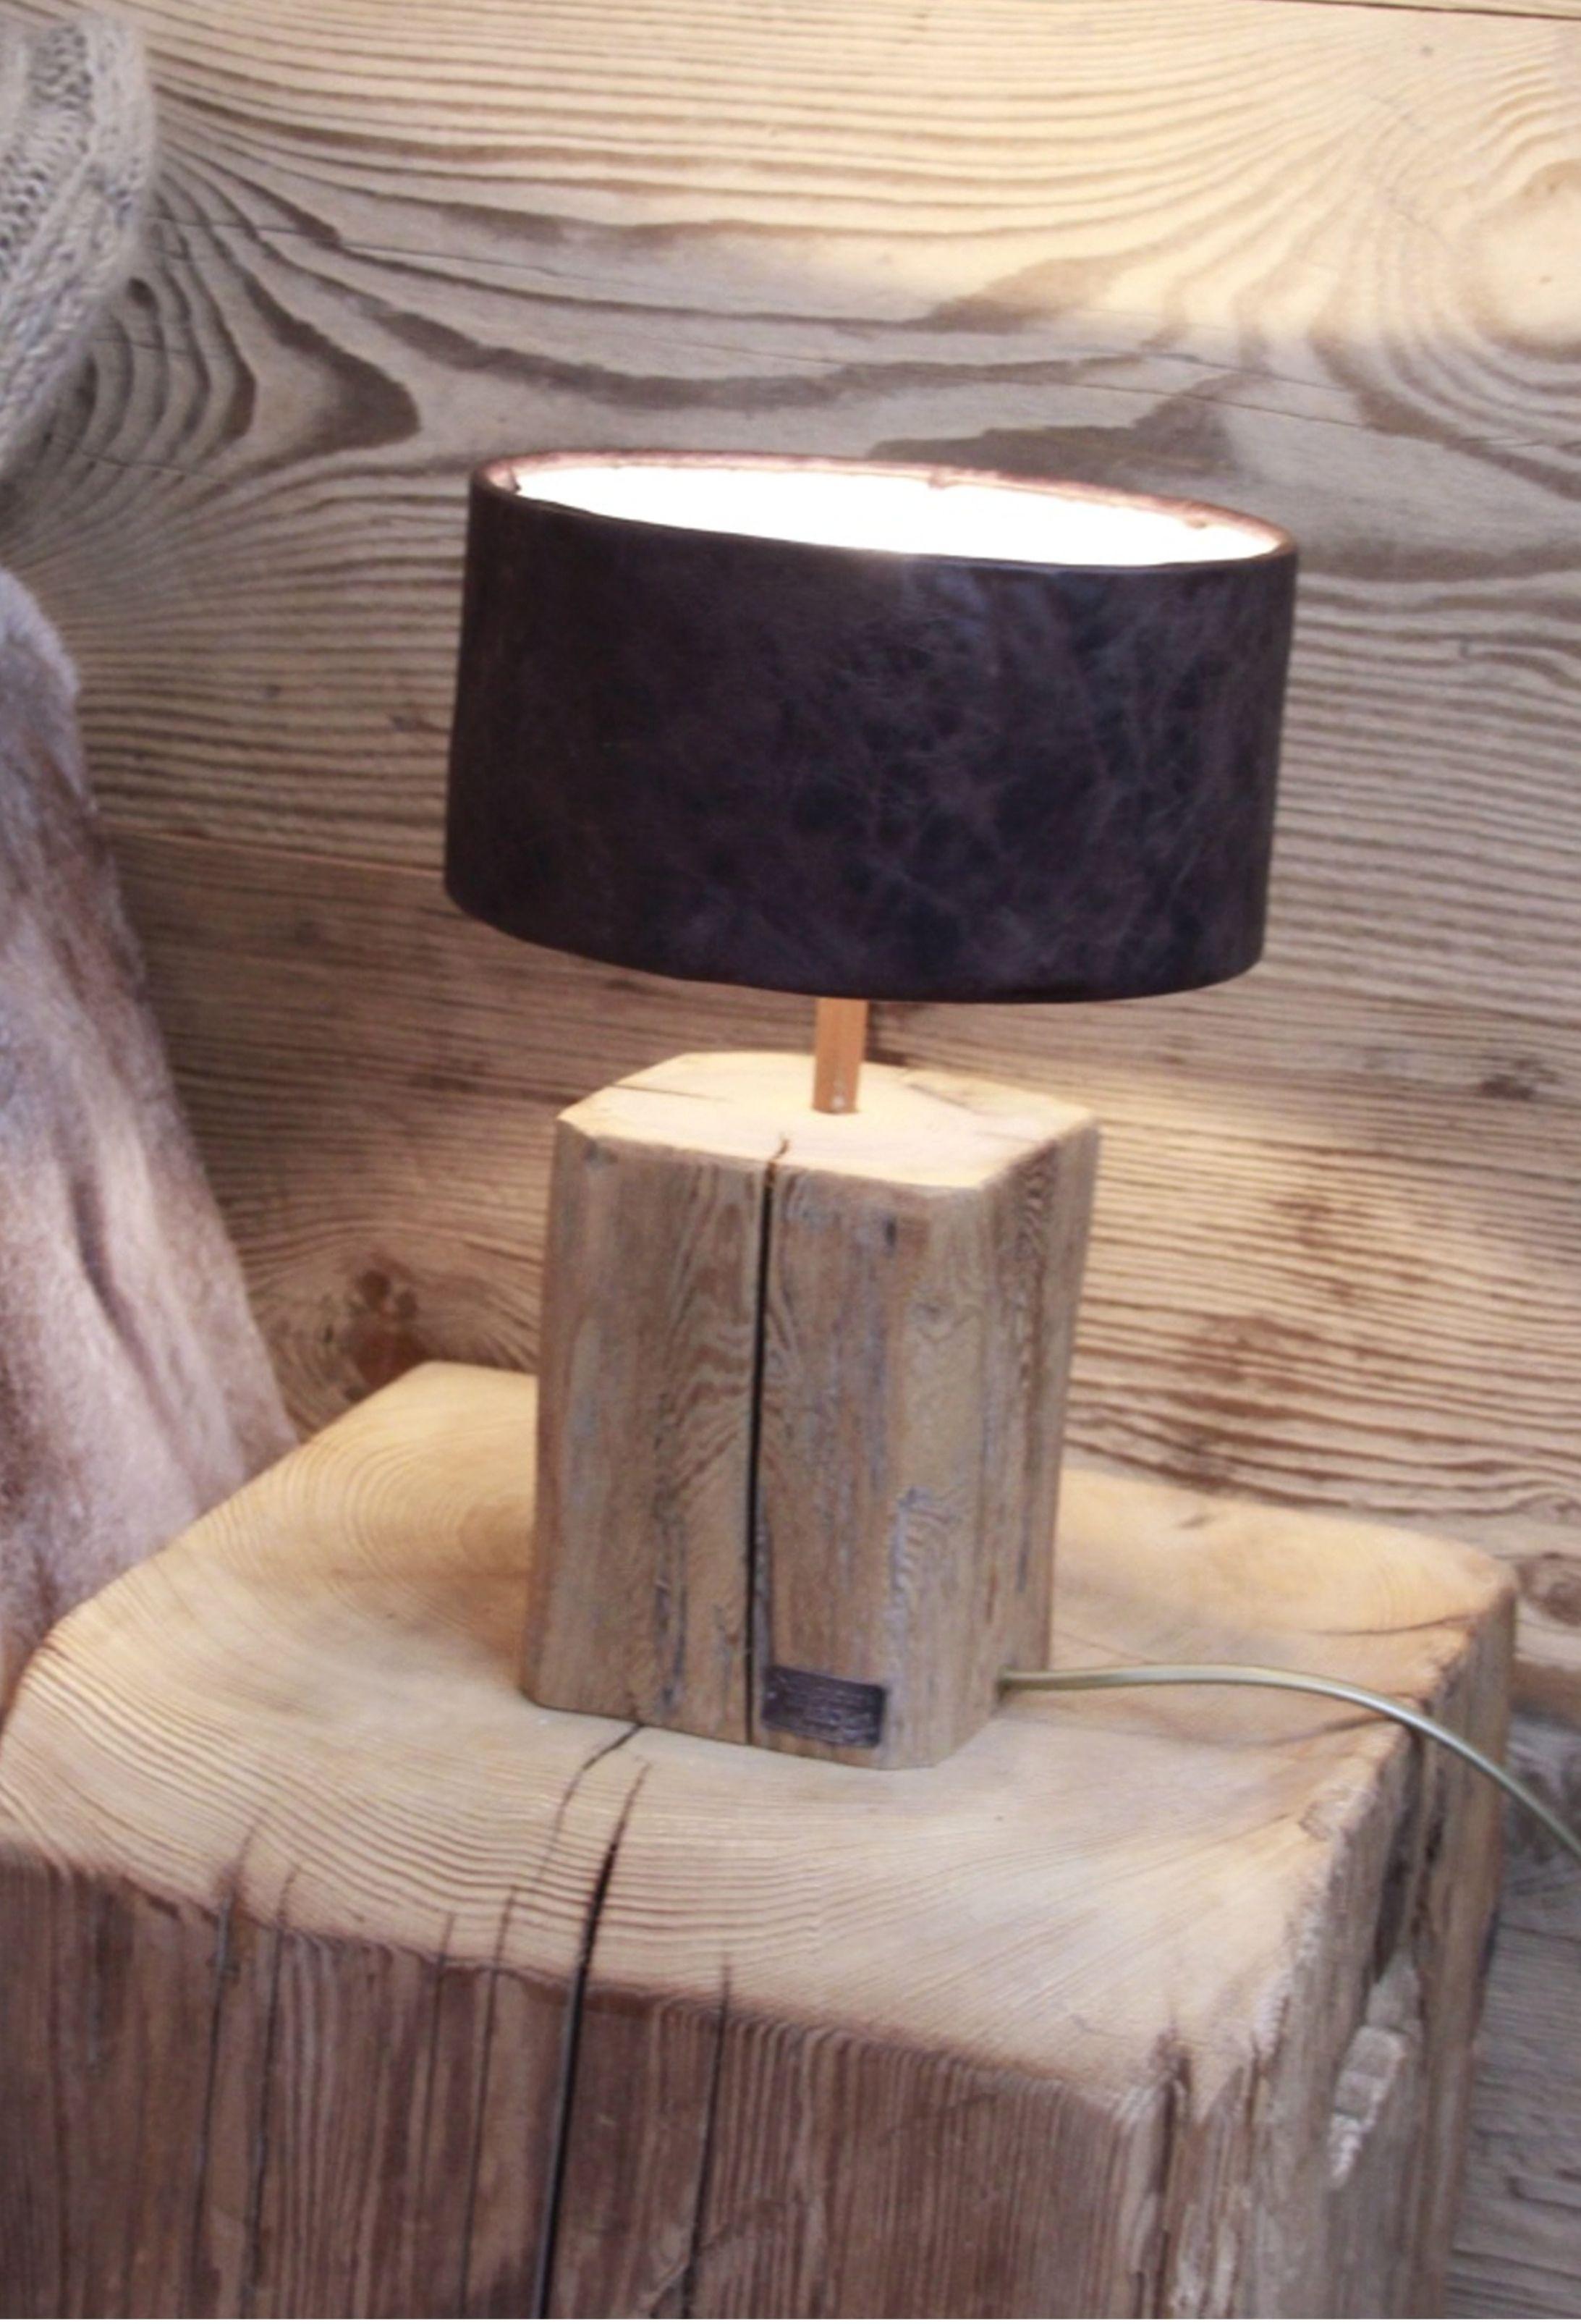 petite lampe de chevet pied vieux bois fabrication fran aise et abat jour cuir luminaire. Black Bedroom Furniture Sets. Home Design Ideas